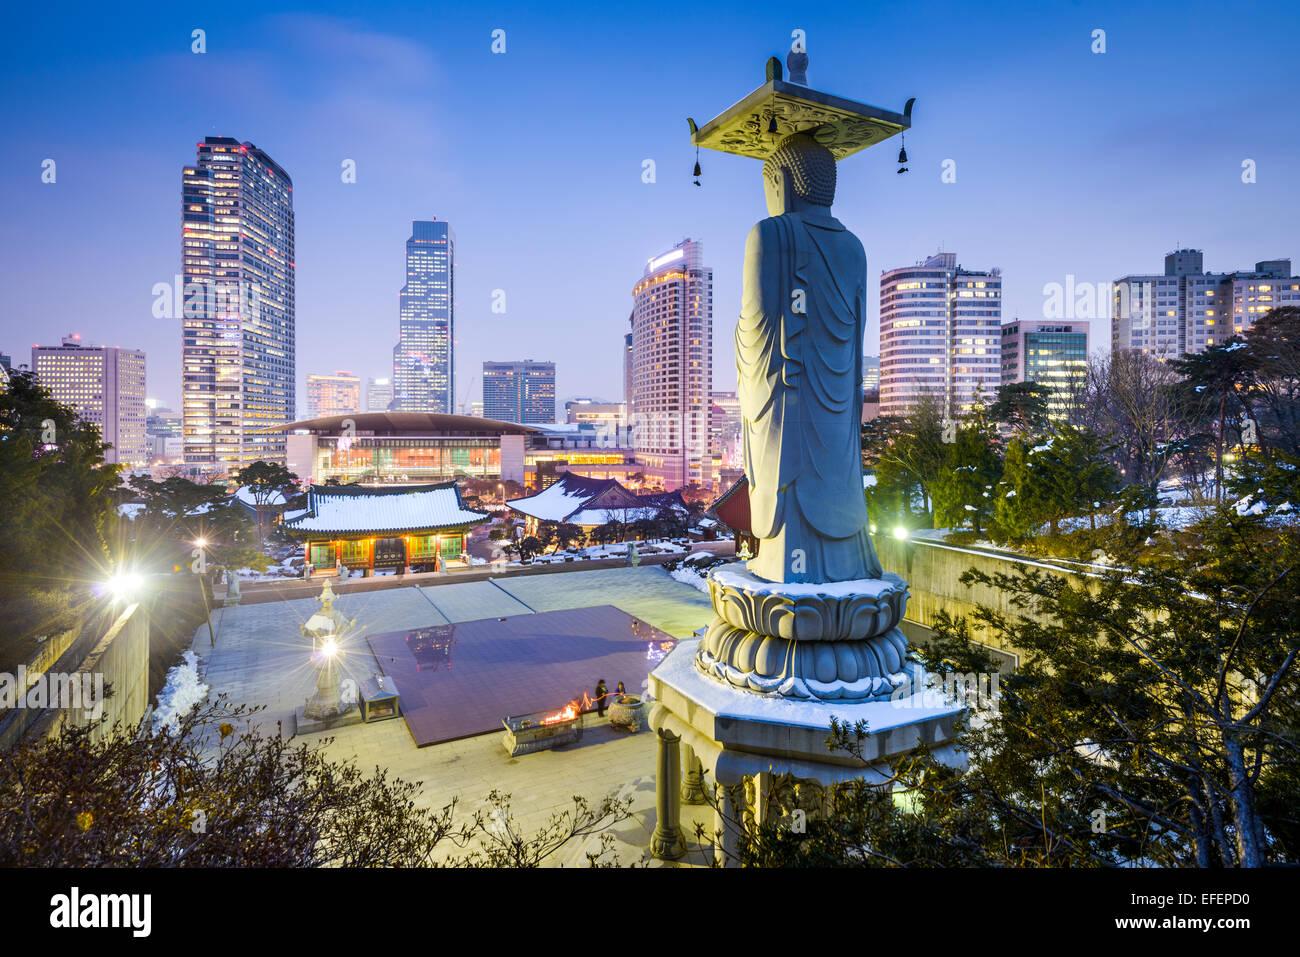 Tempio Bongeunsa nel quartiere di Gangnam di Seoul, Corea. Immagini Stock